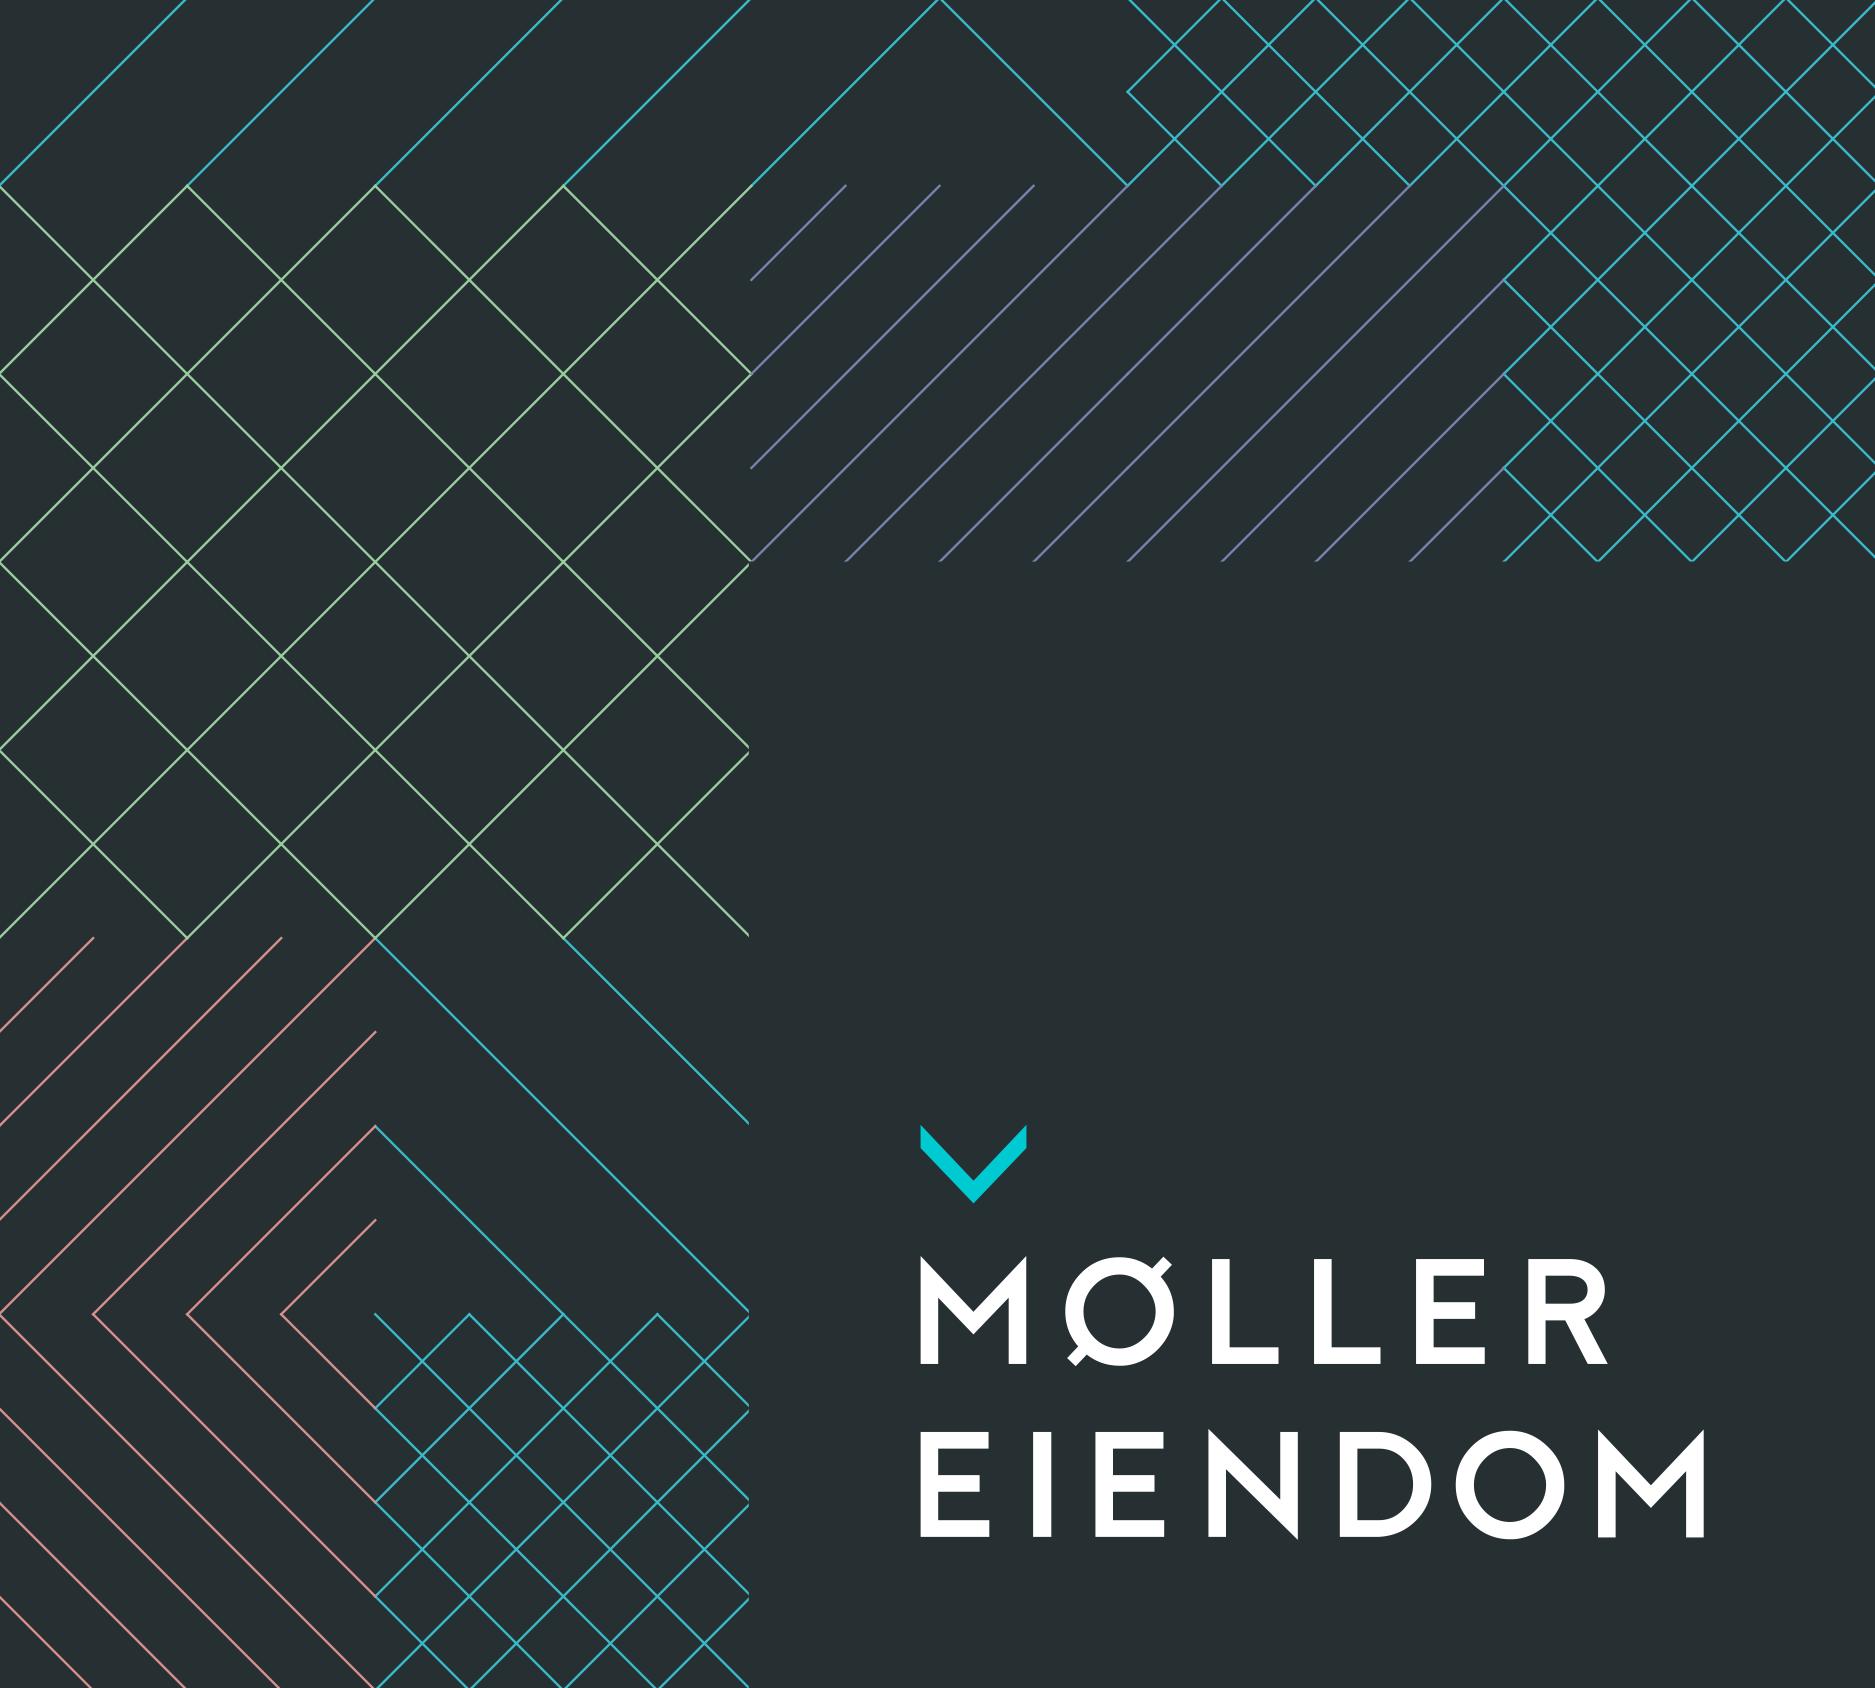 mller_heading_03